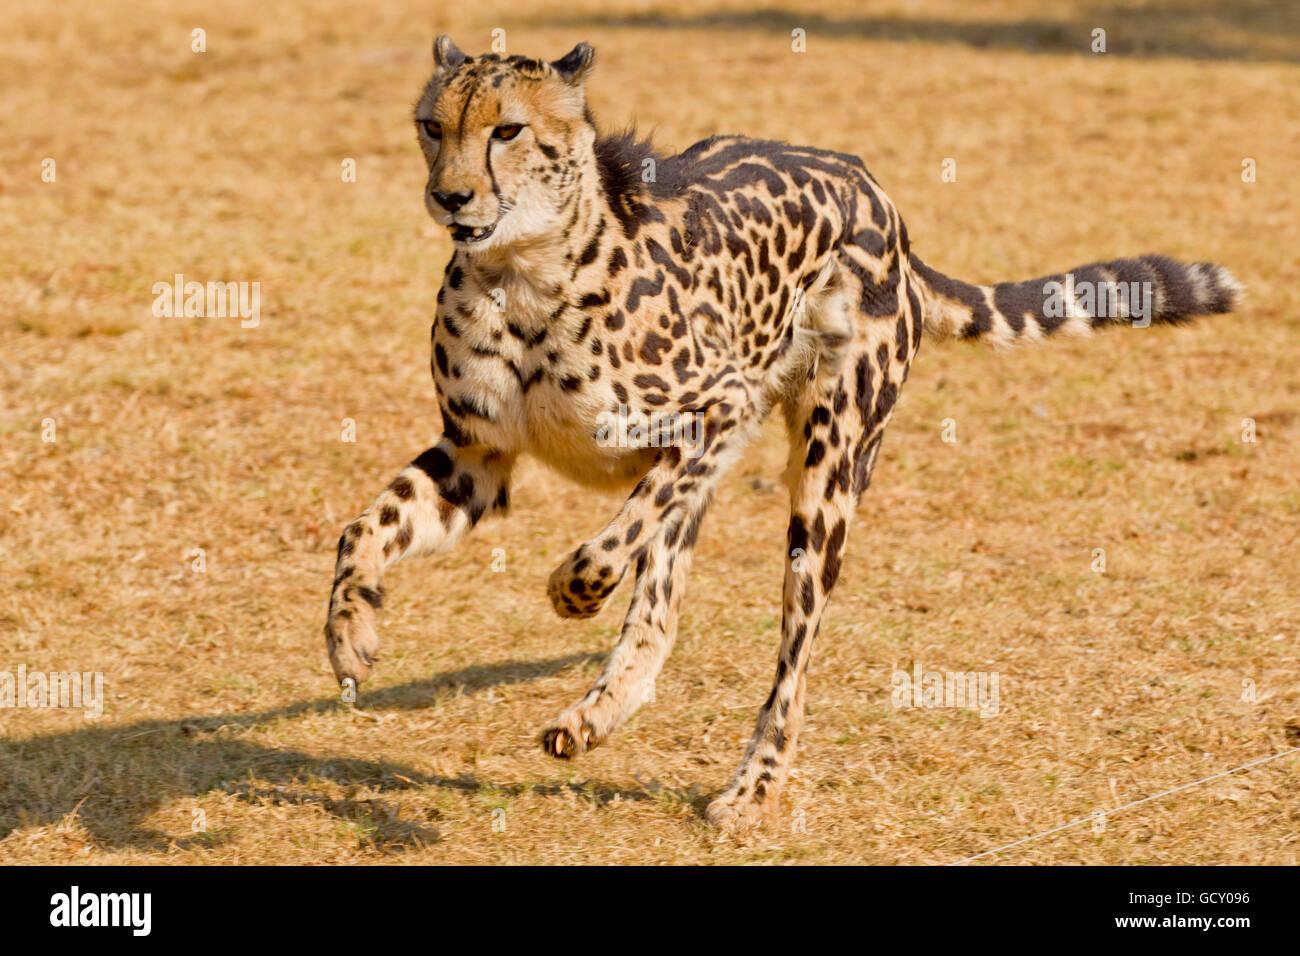 Ejecuta el guepardo (Acinonyx jubatus), un raro rey guepardo con sus distintos patrones de pieles debido a mutación Imagen De Stock